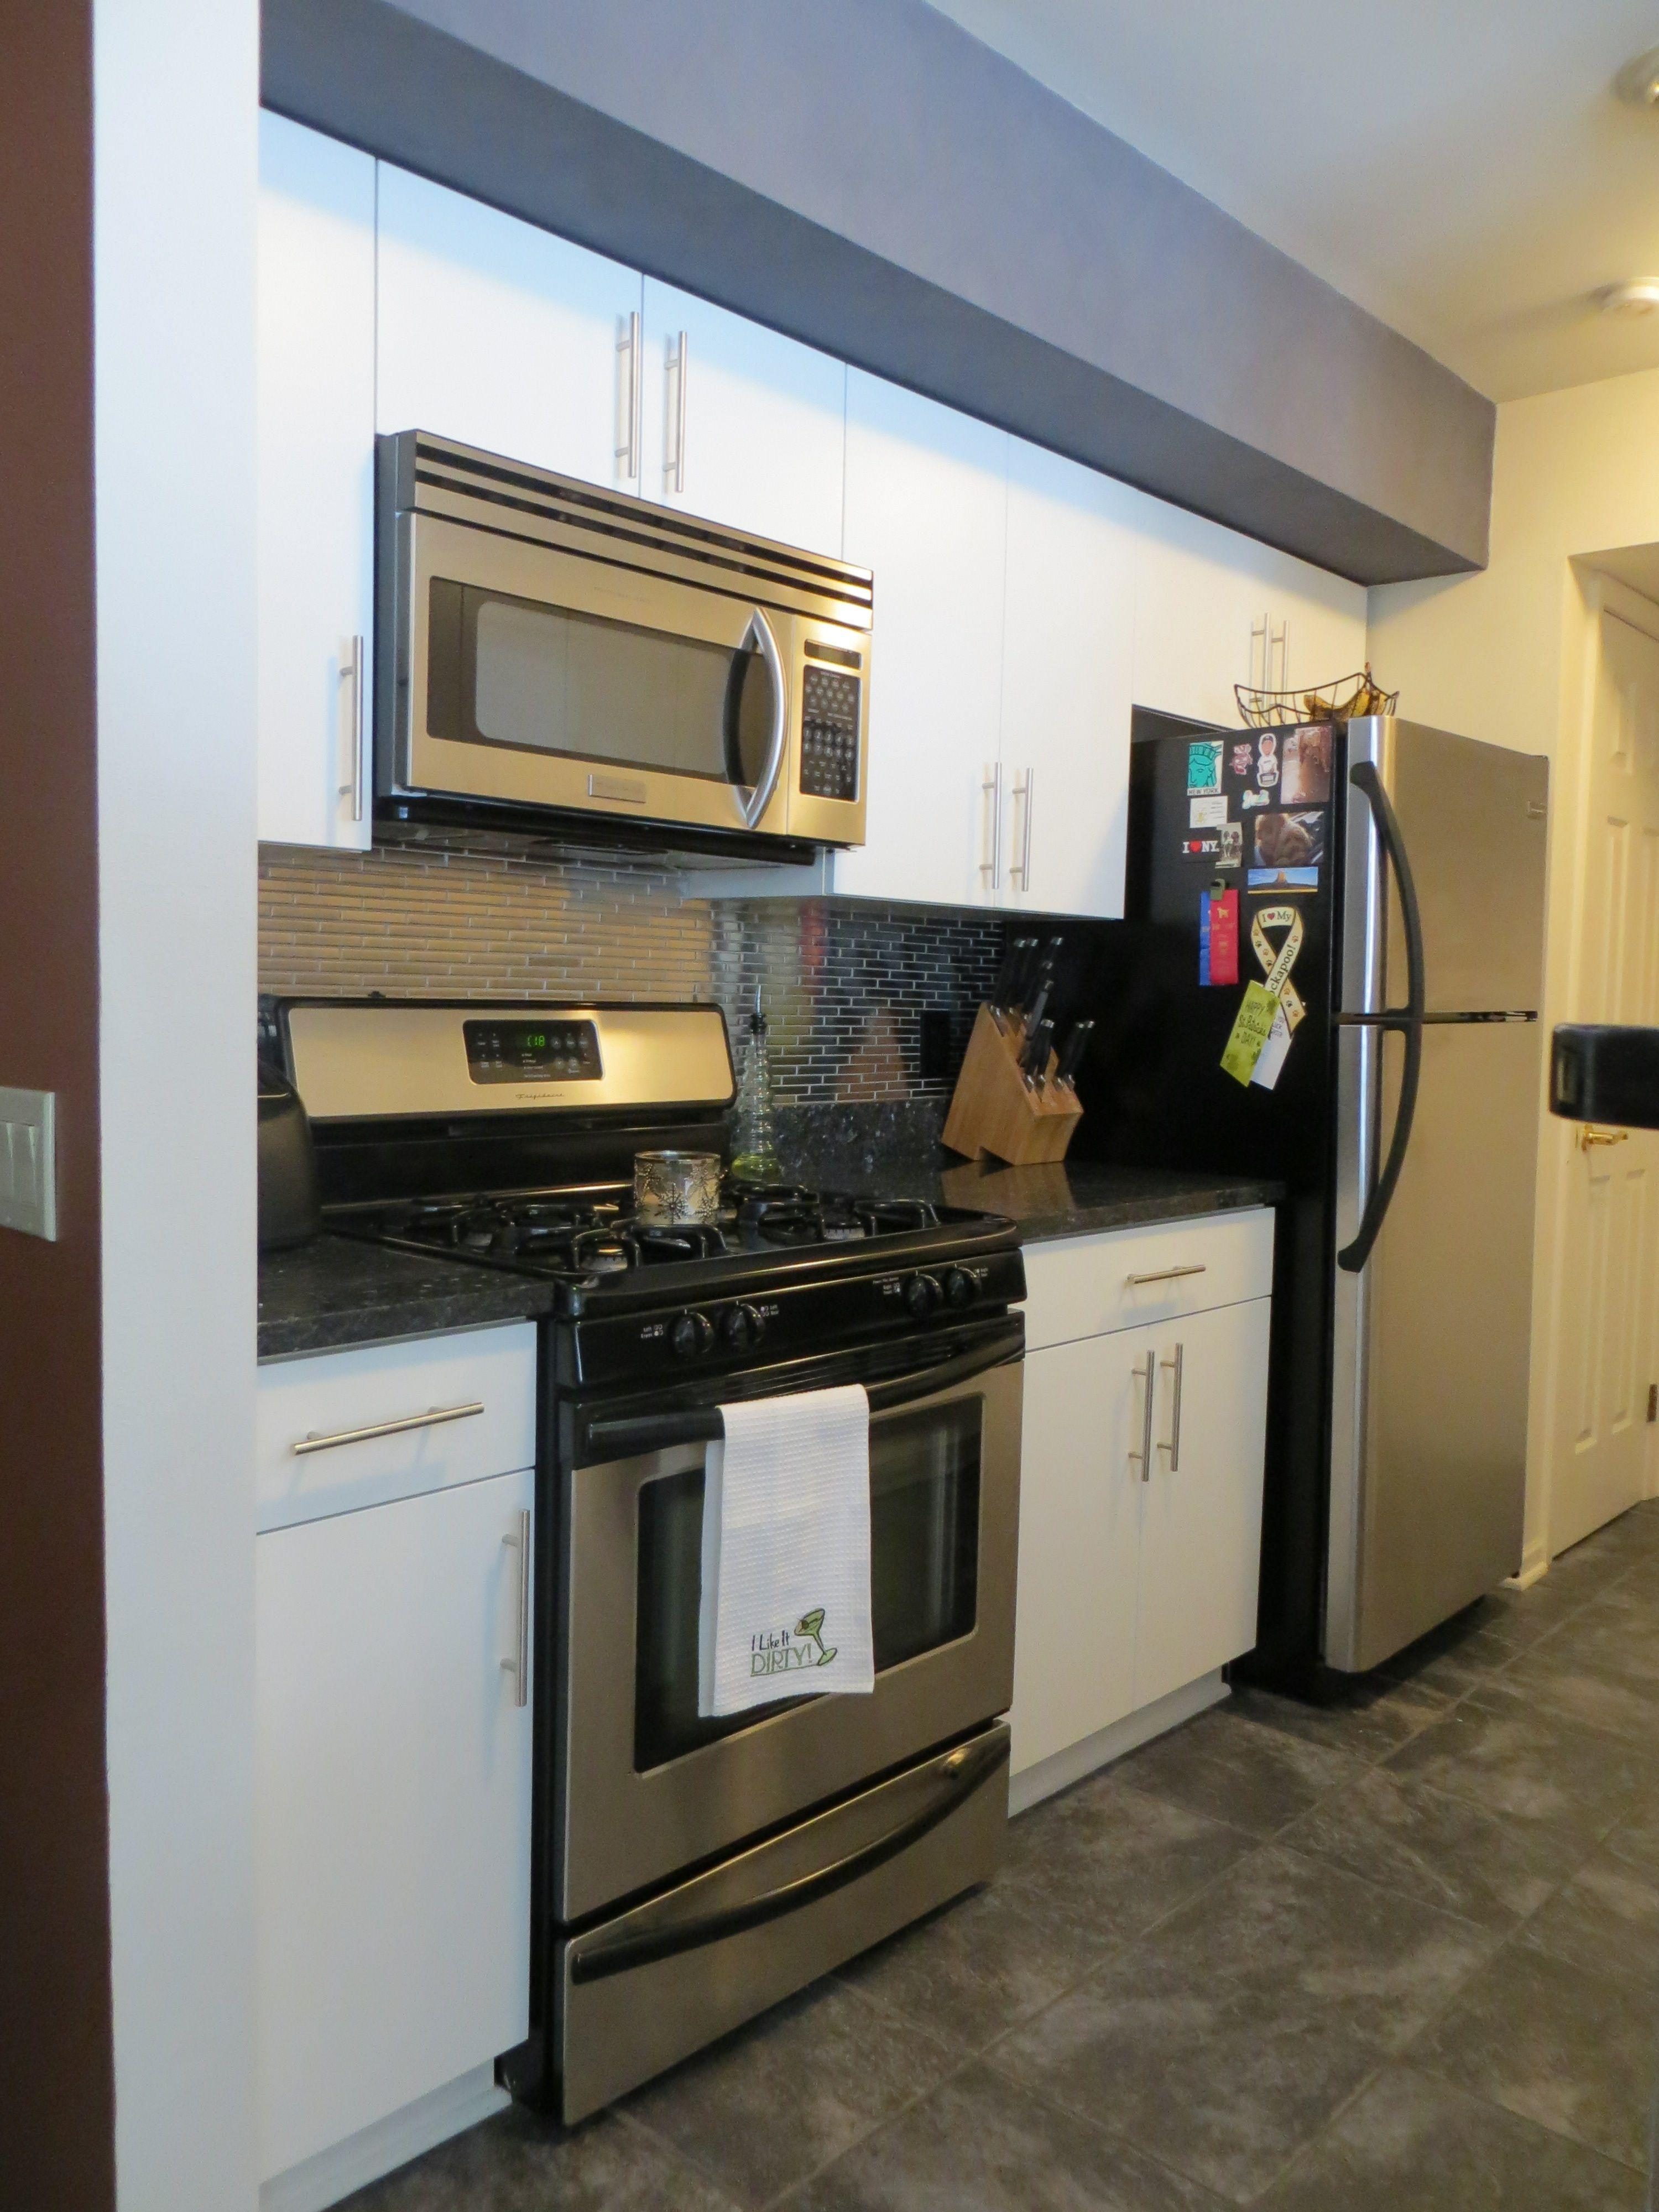 White Rtf Flat Panel Doors Update Frameless Cabinets Kitchen Remodel Frameless Cabinets Cabinet Refacing